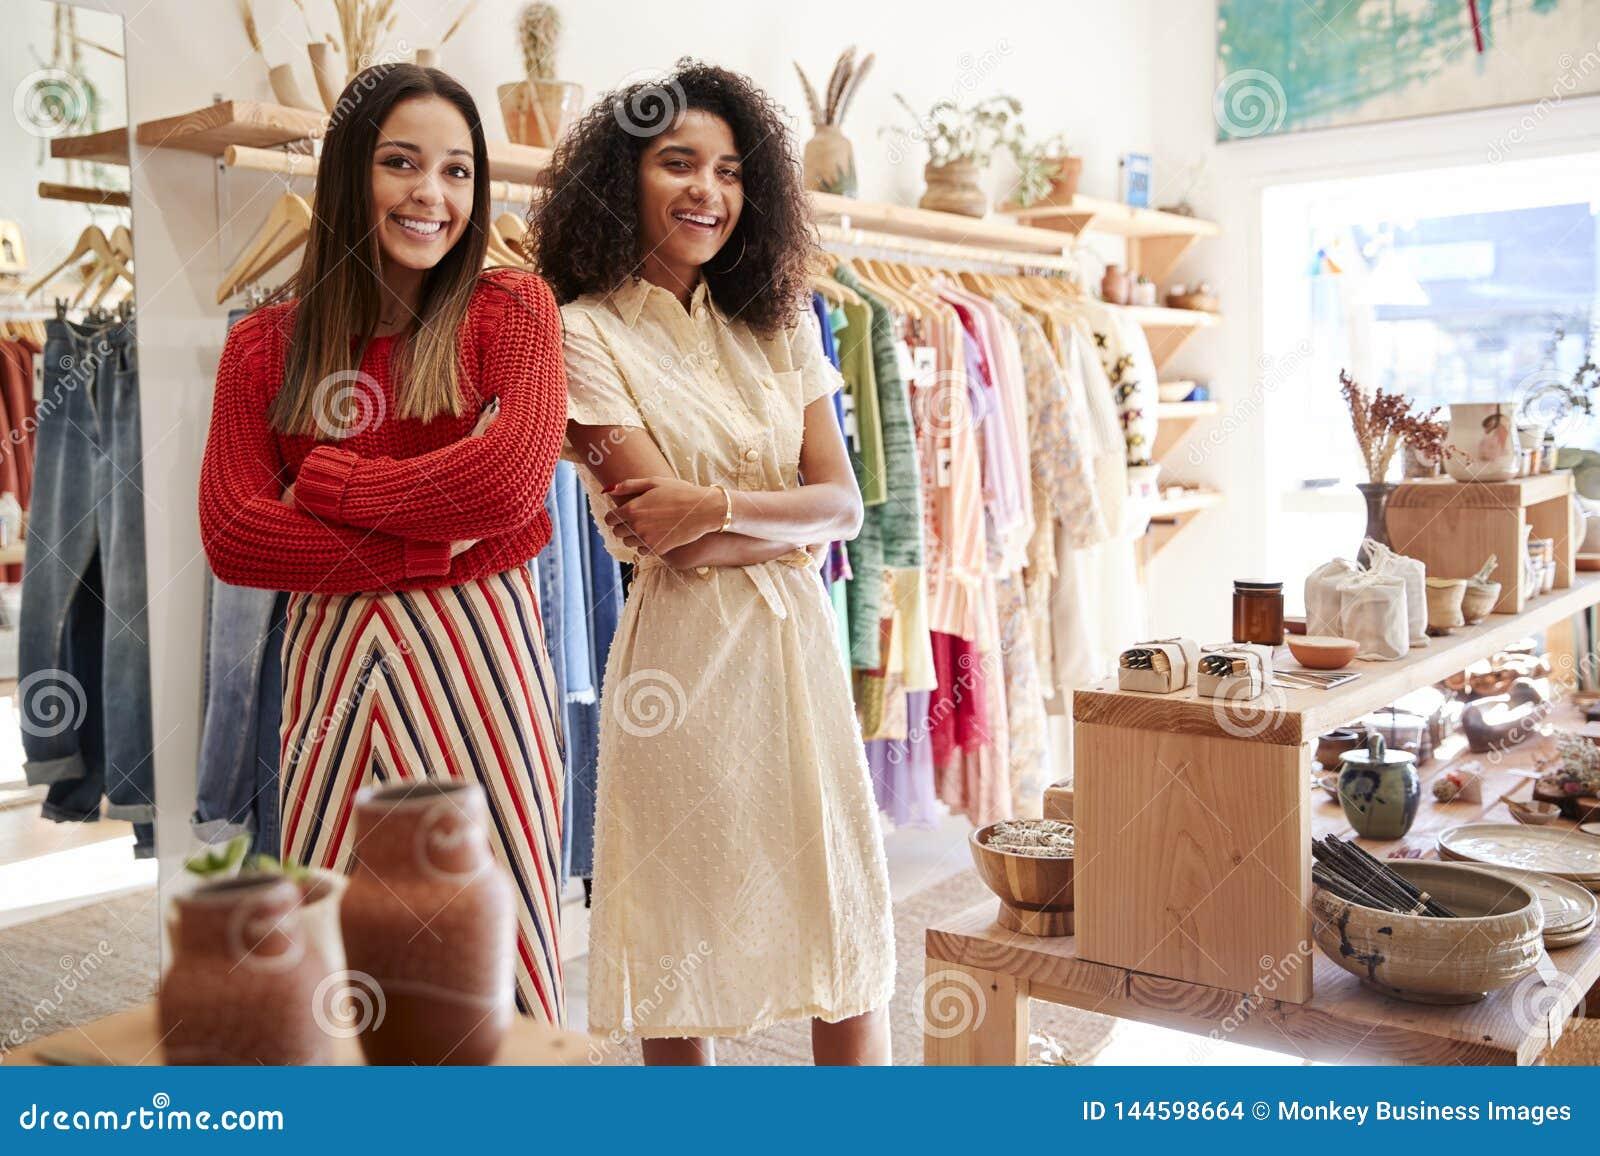 Stående av två kvinnliga försäljningsassistenter som arbetar i kläd- och gåvalager